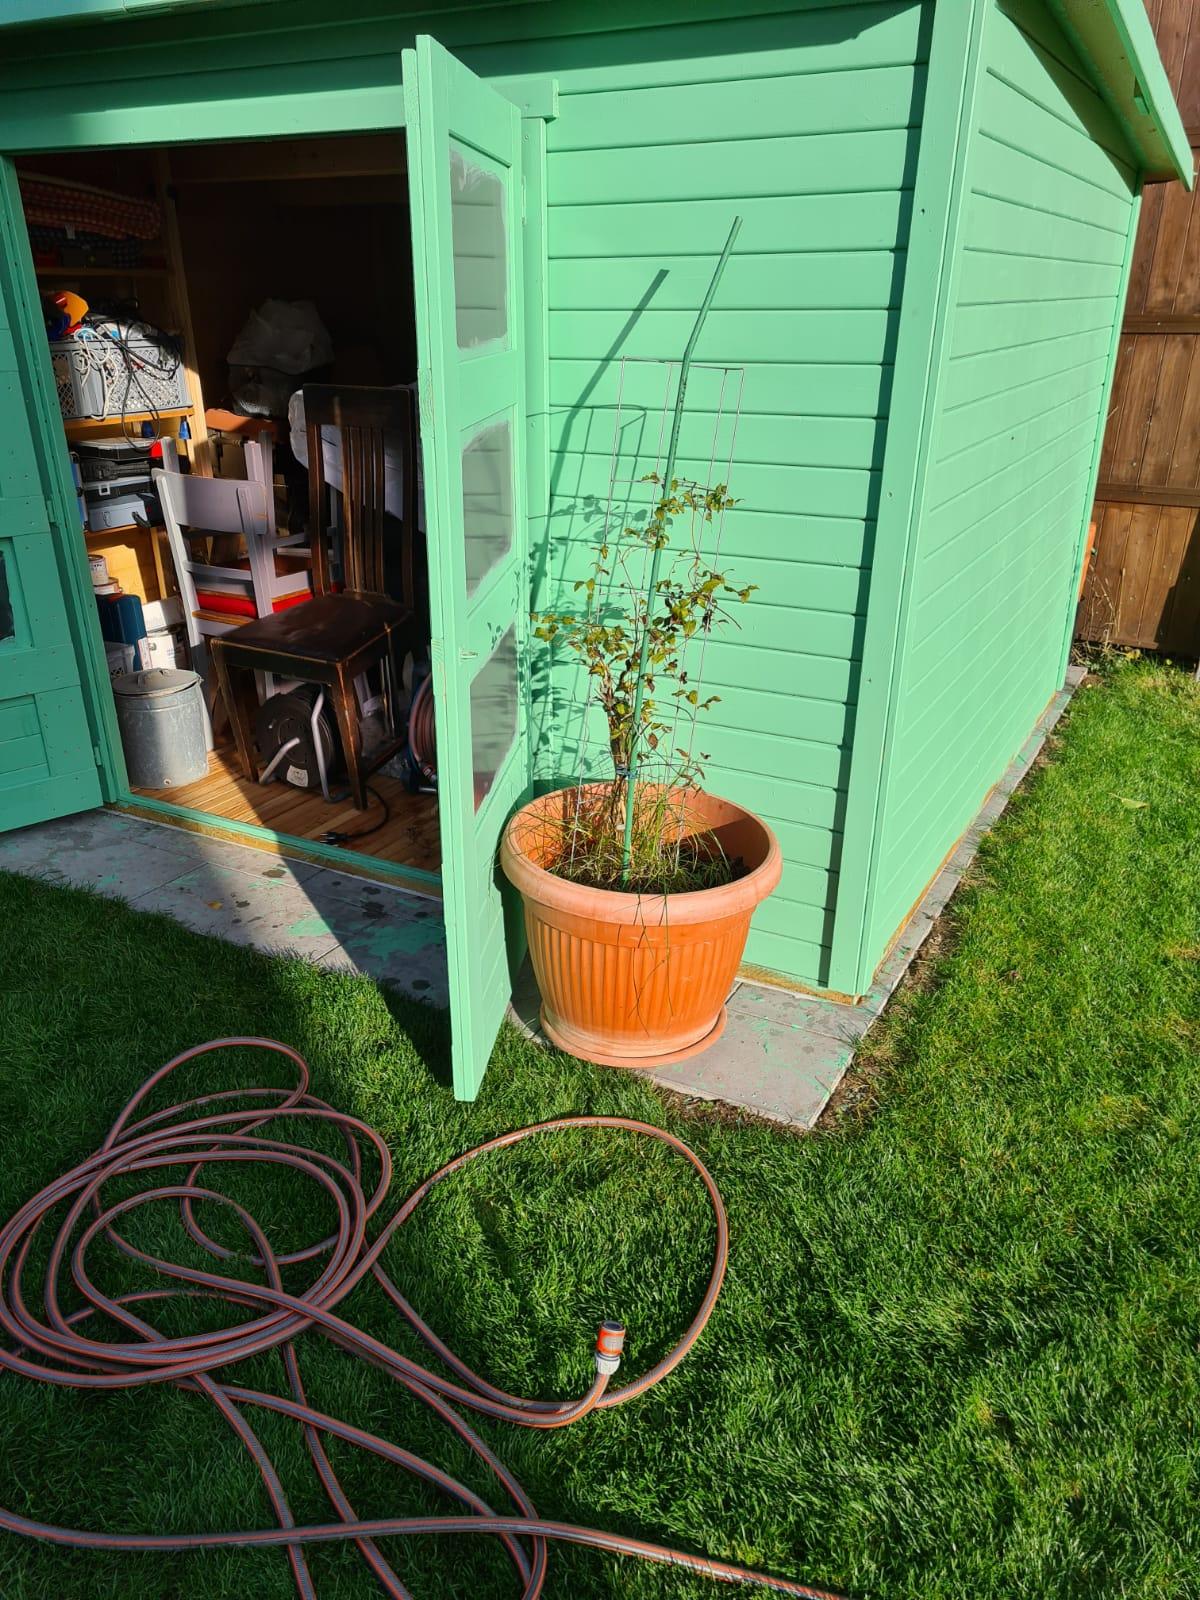 Hallo Sonntag. Heute steht Gartenarbeit an.